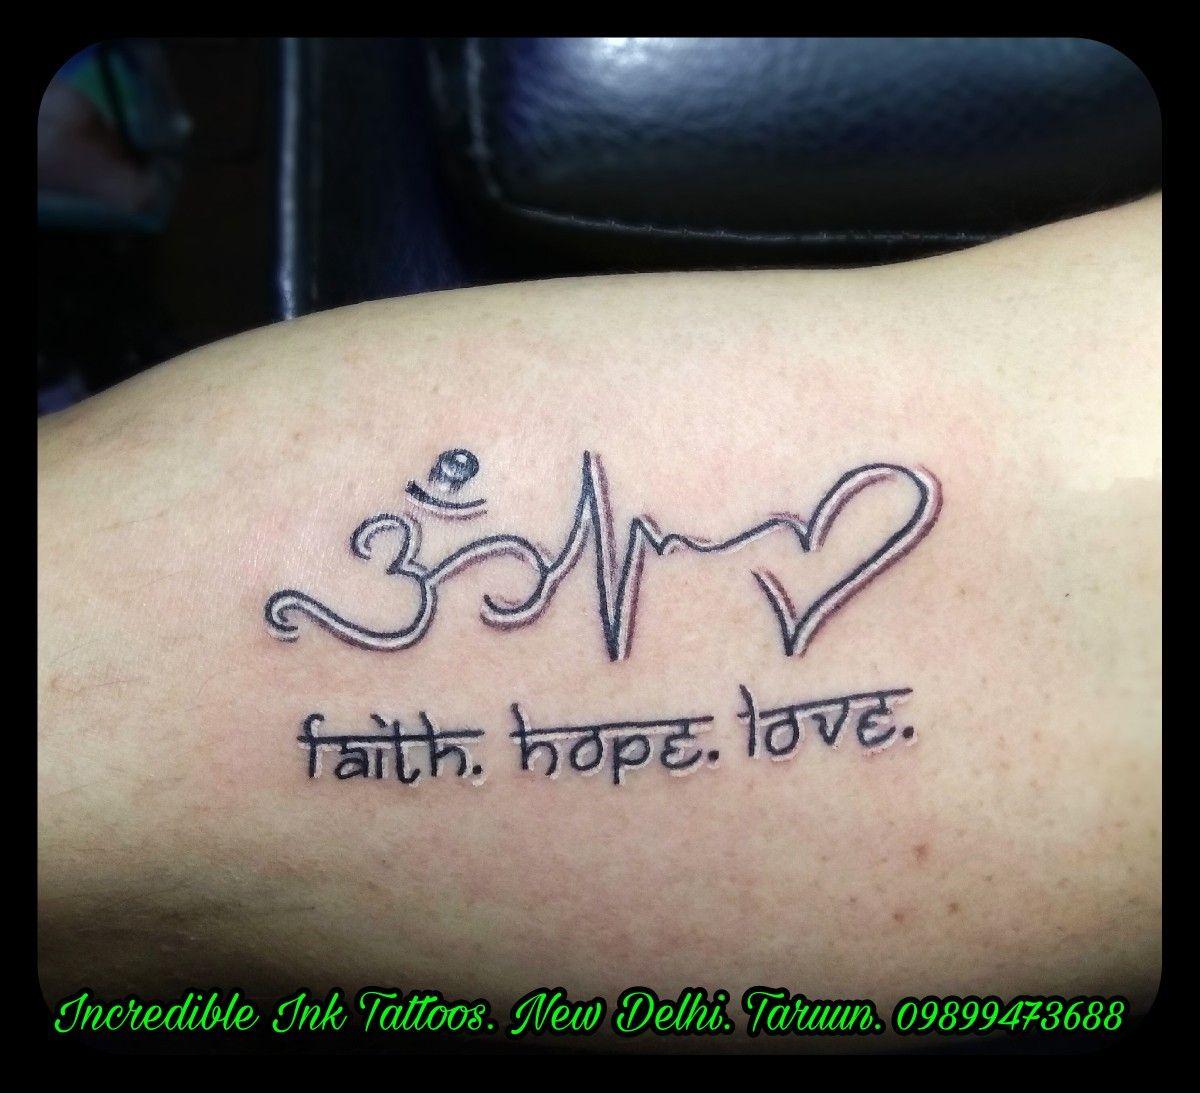 Om Heartbeat Tattoo Om Heartbeat Tattoo Call Whatsapp 09899473688 Heartbeat Tattoo Ganesha Tattoo Tattoo Quotes Heartbeat tattoo wallpaper download